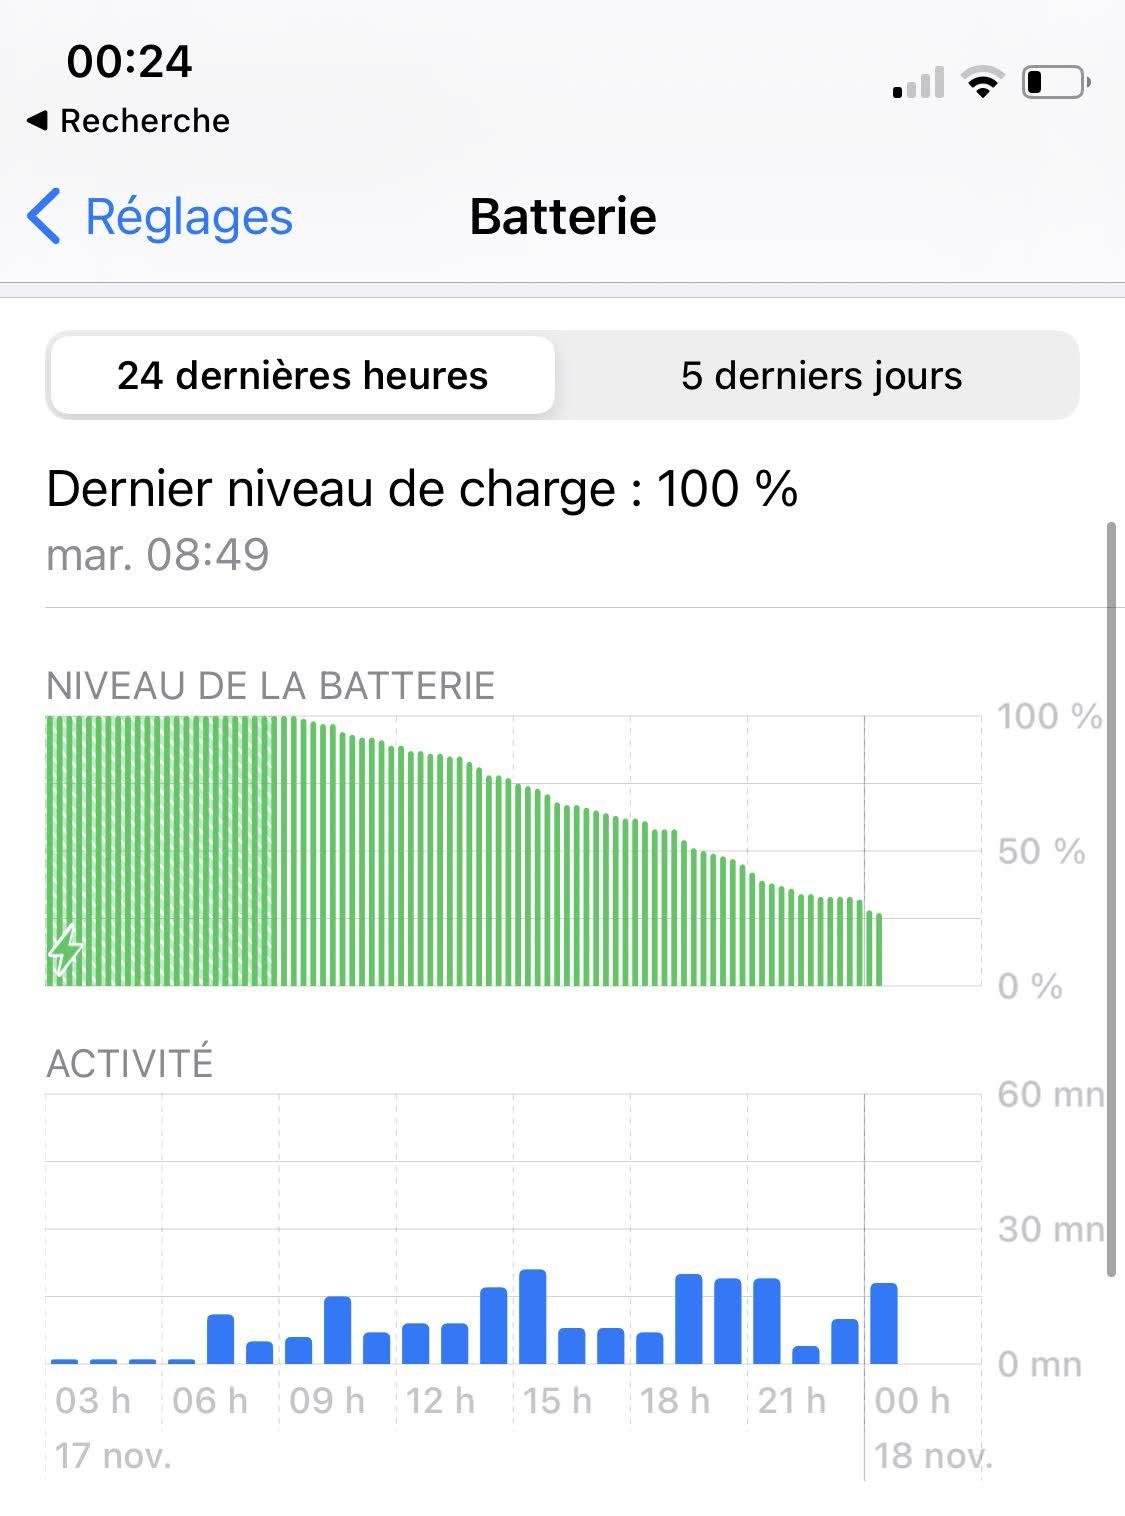 Une journée typique avec l'iPhone12, débranché au réveil jusqu'au coucher. Métro, boulot et dodo…